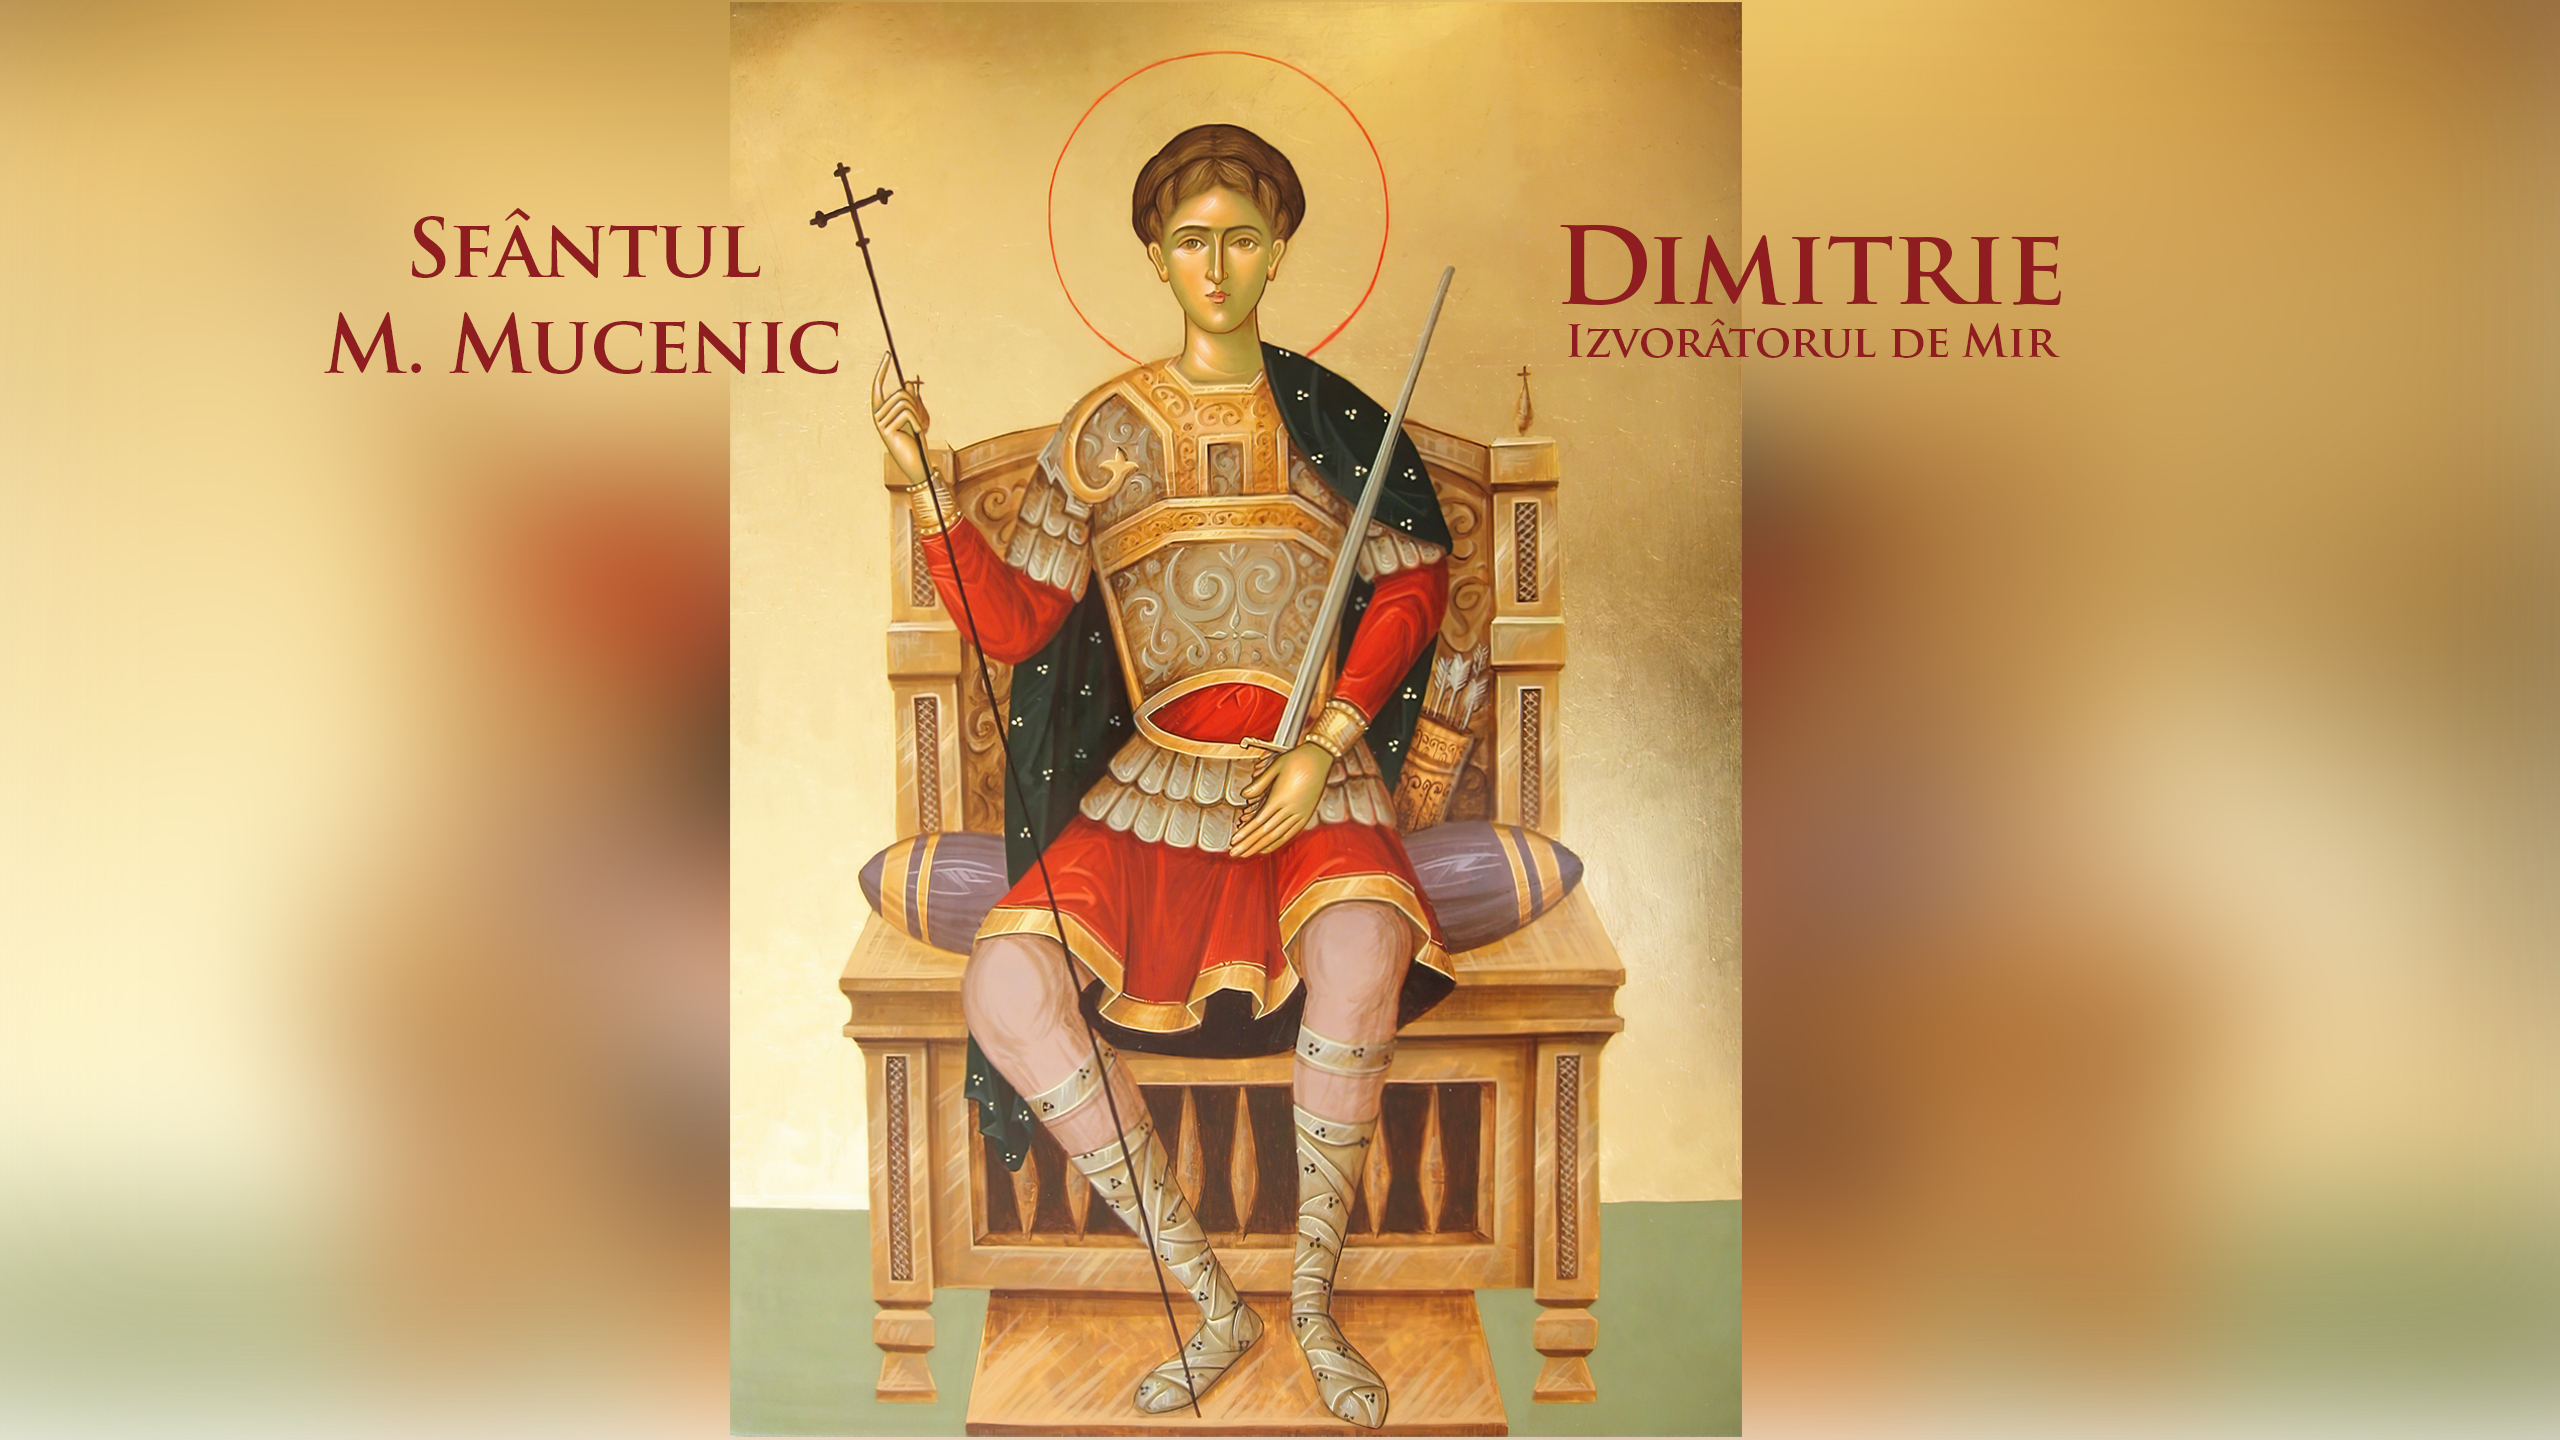 sf_dimitrie_tron_site